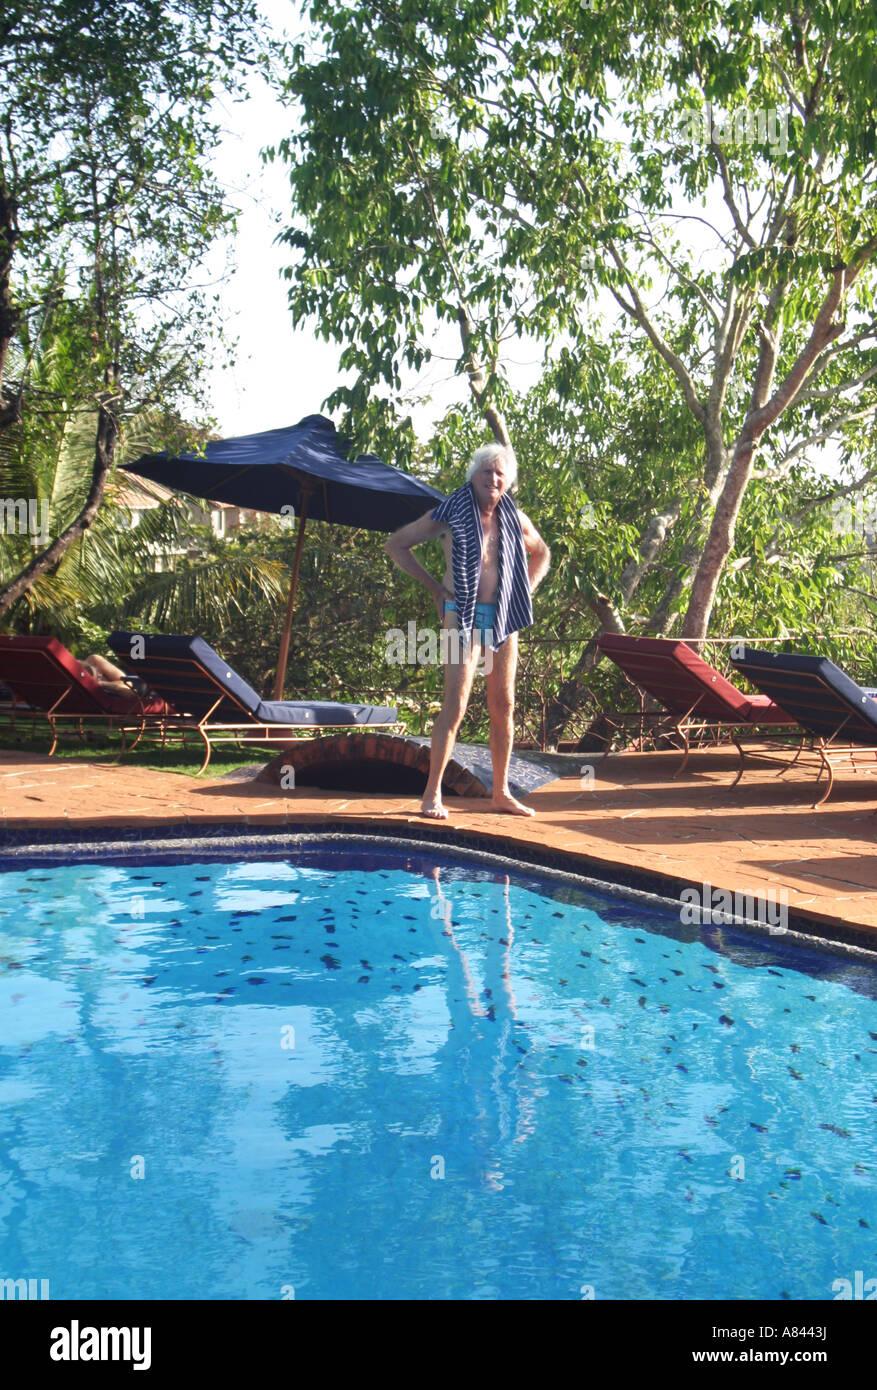 Visitatore gode della piscina presso lo spettacolare progettato Nilaya Hermitage boutique hotel in Goa in India Immagini Stock